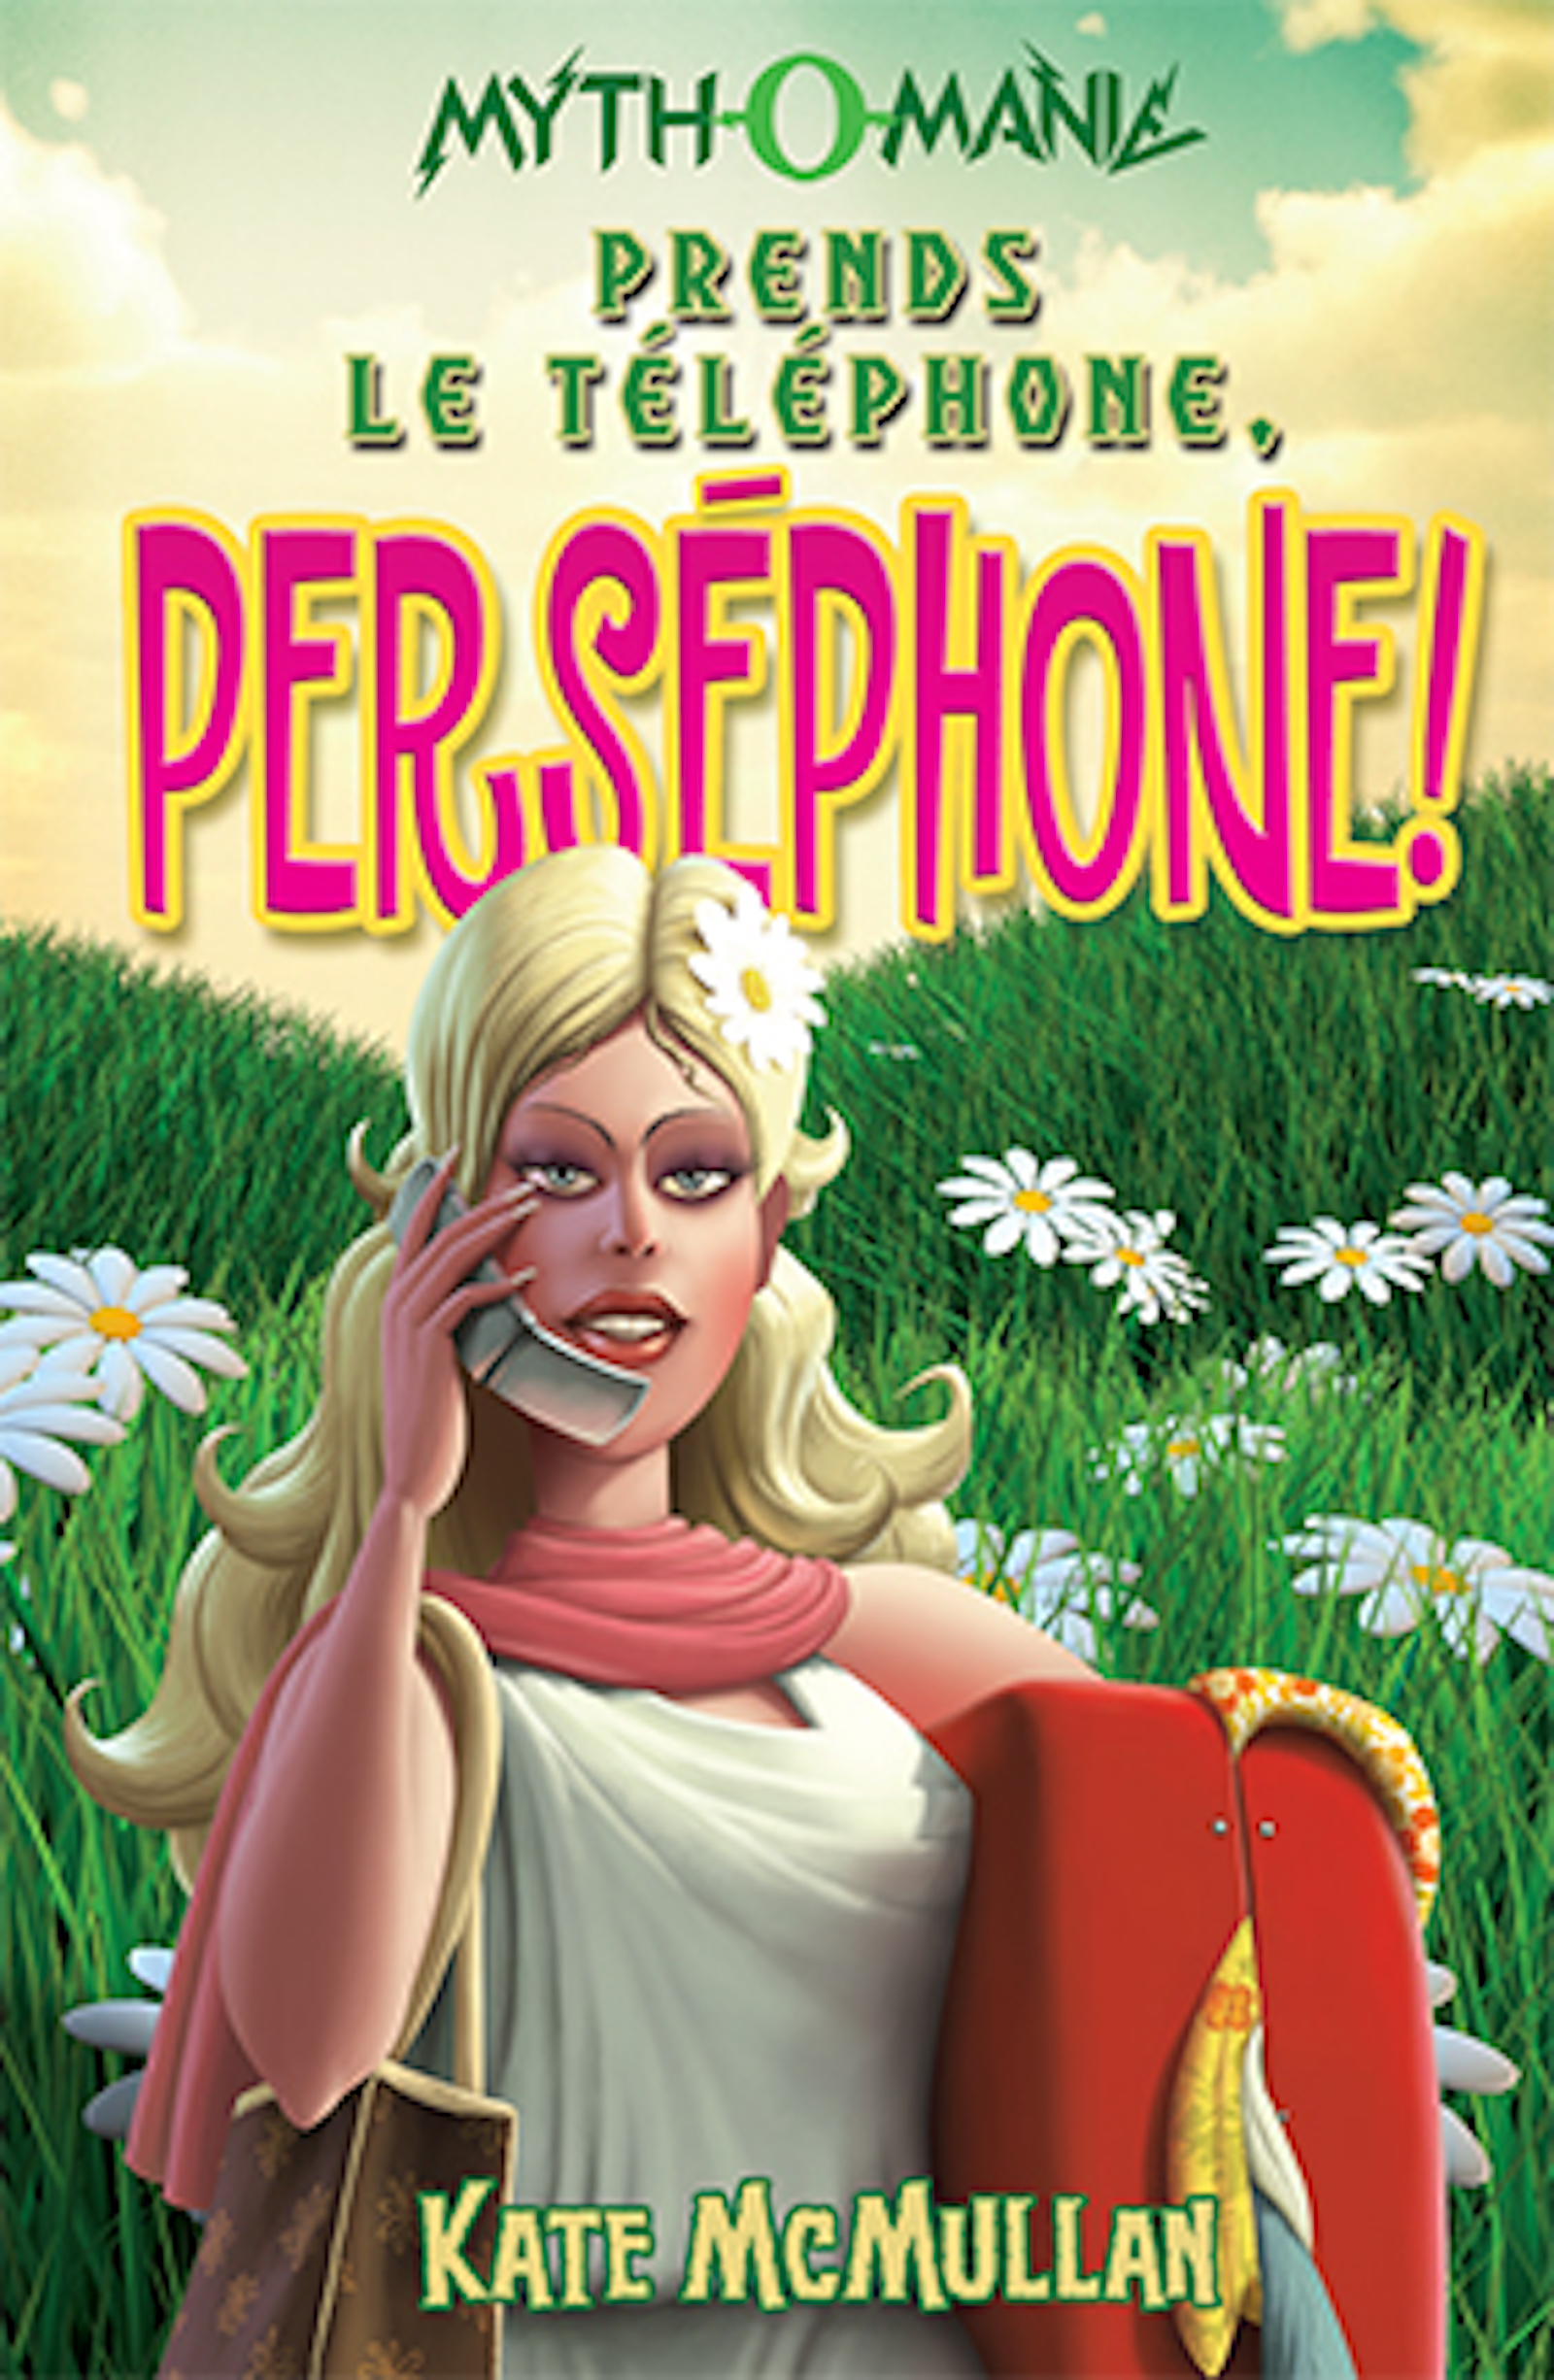 Prends le téléphone, Perséphone!